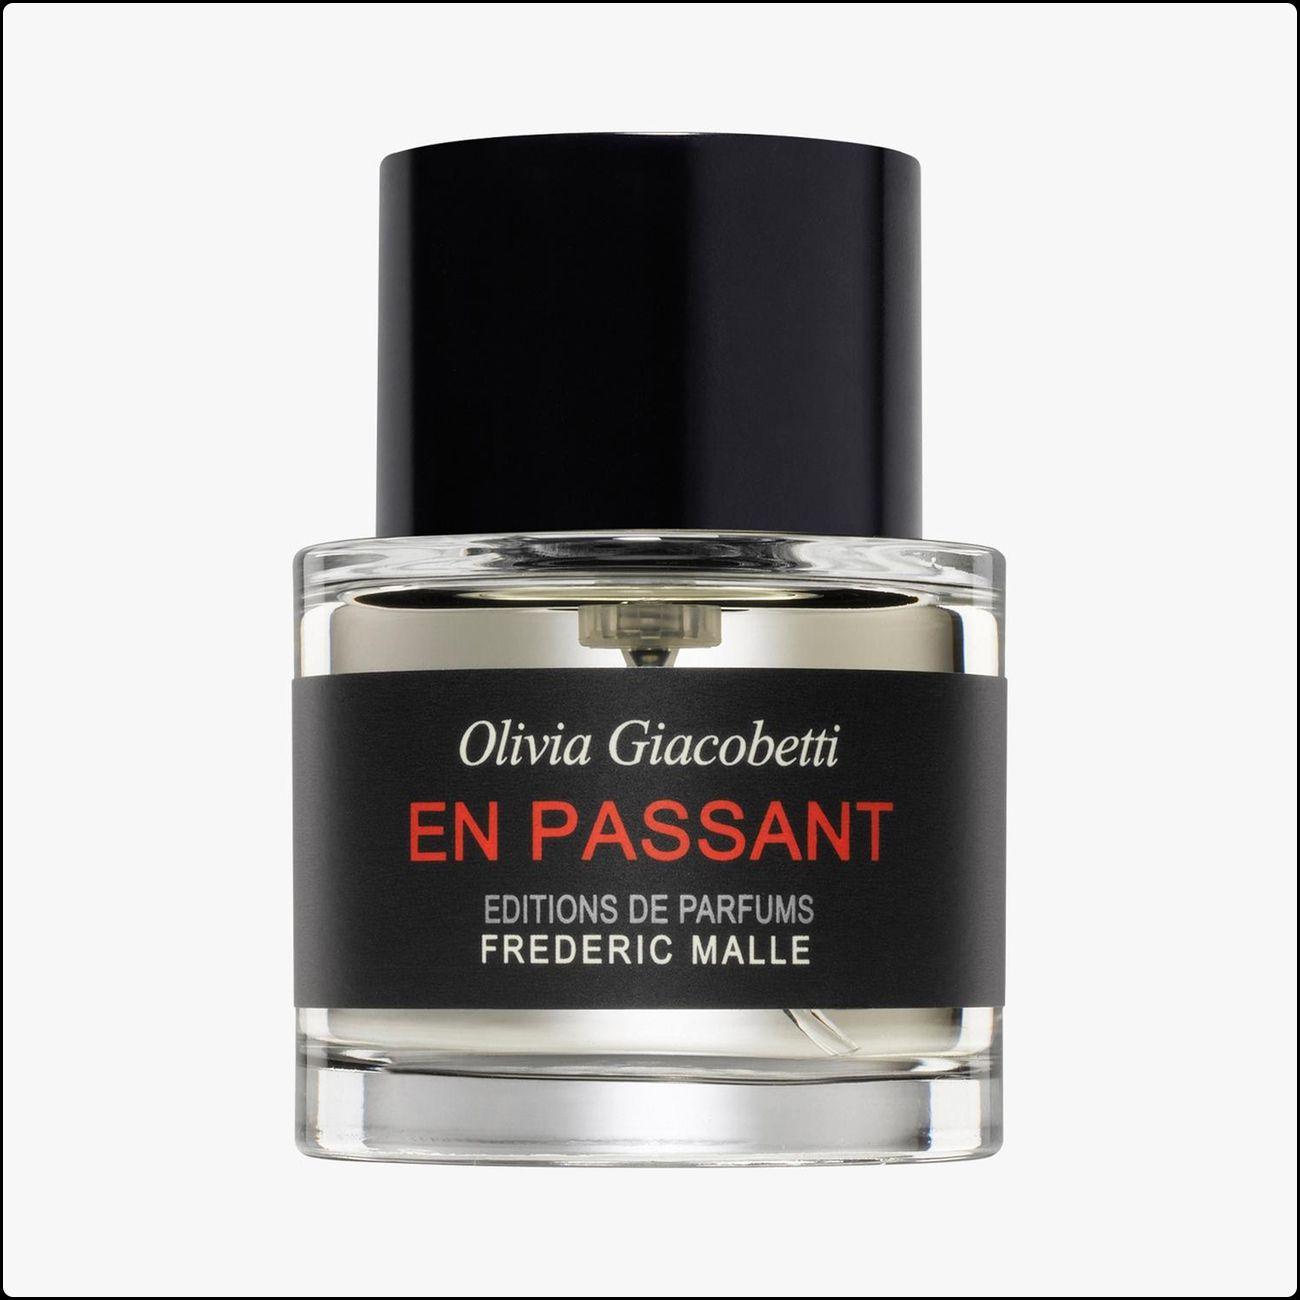 En Passant Olivia Giacobetti | Frederic malle perfume